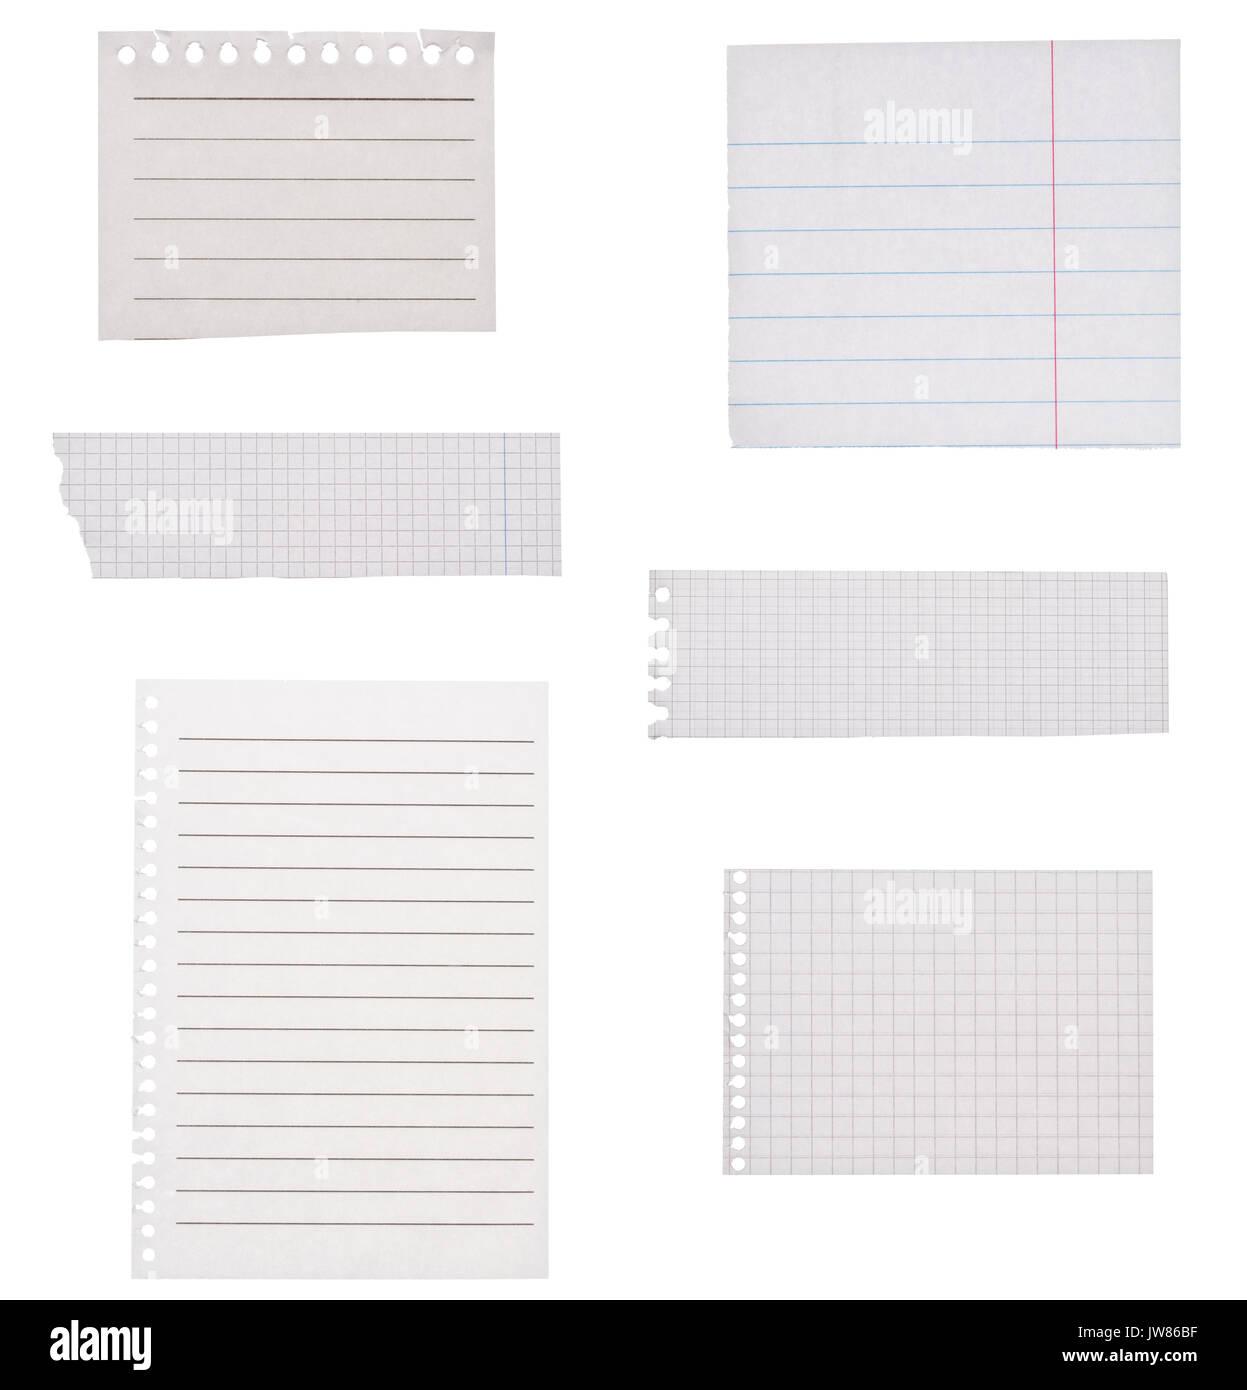 Wunderbar Druckbare Briefpapier Mit Linien Ideen - FORTSETZUNG ...